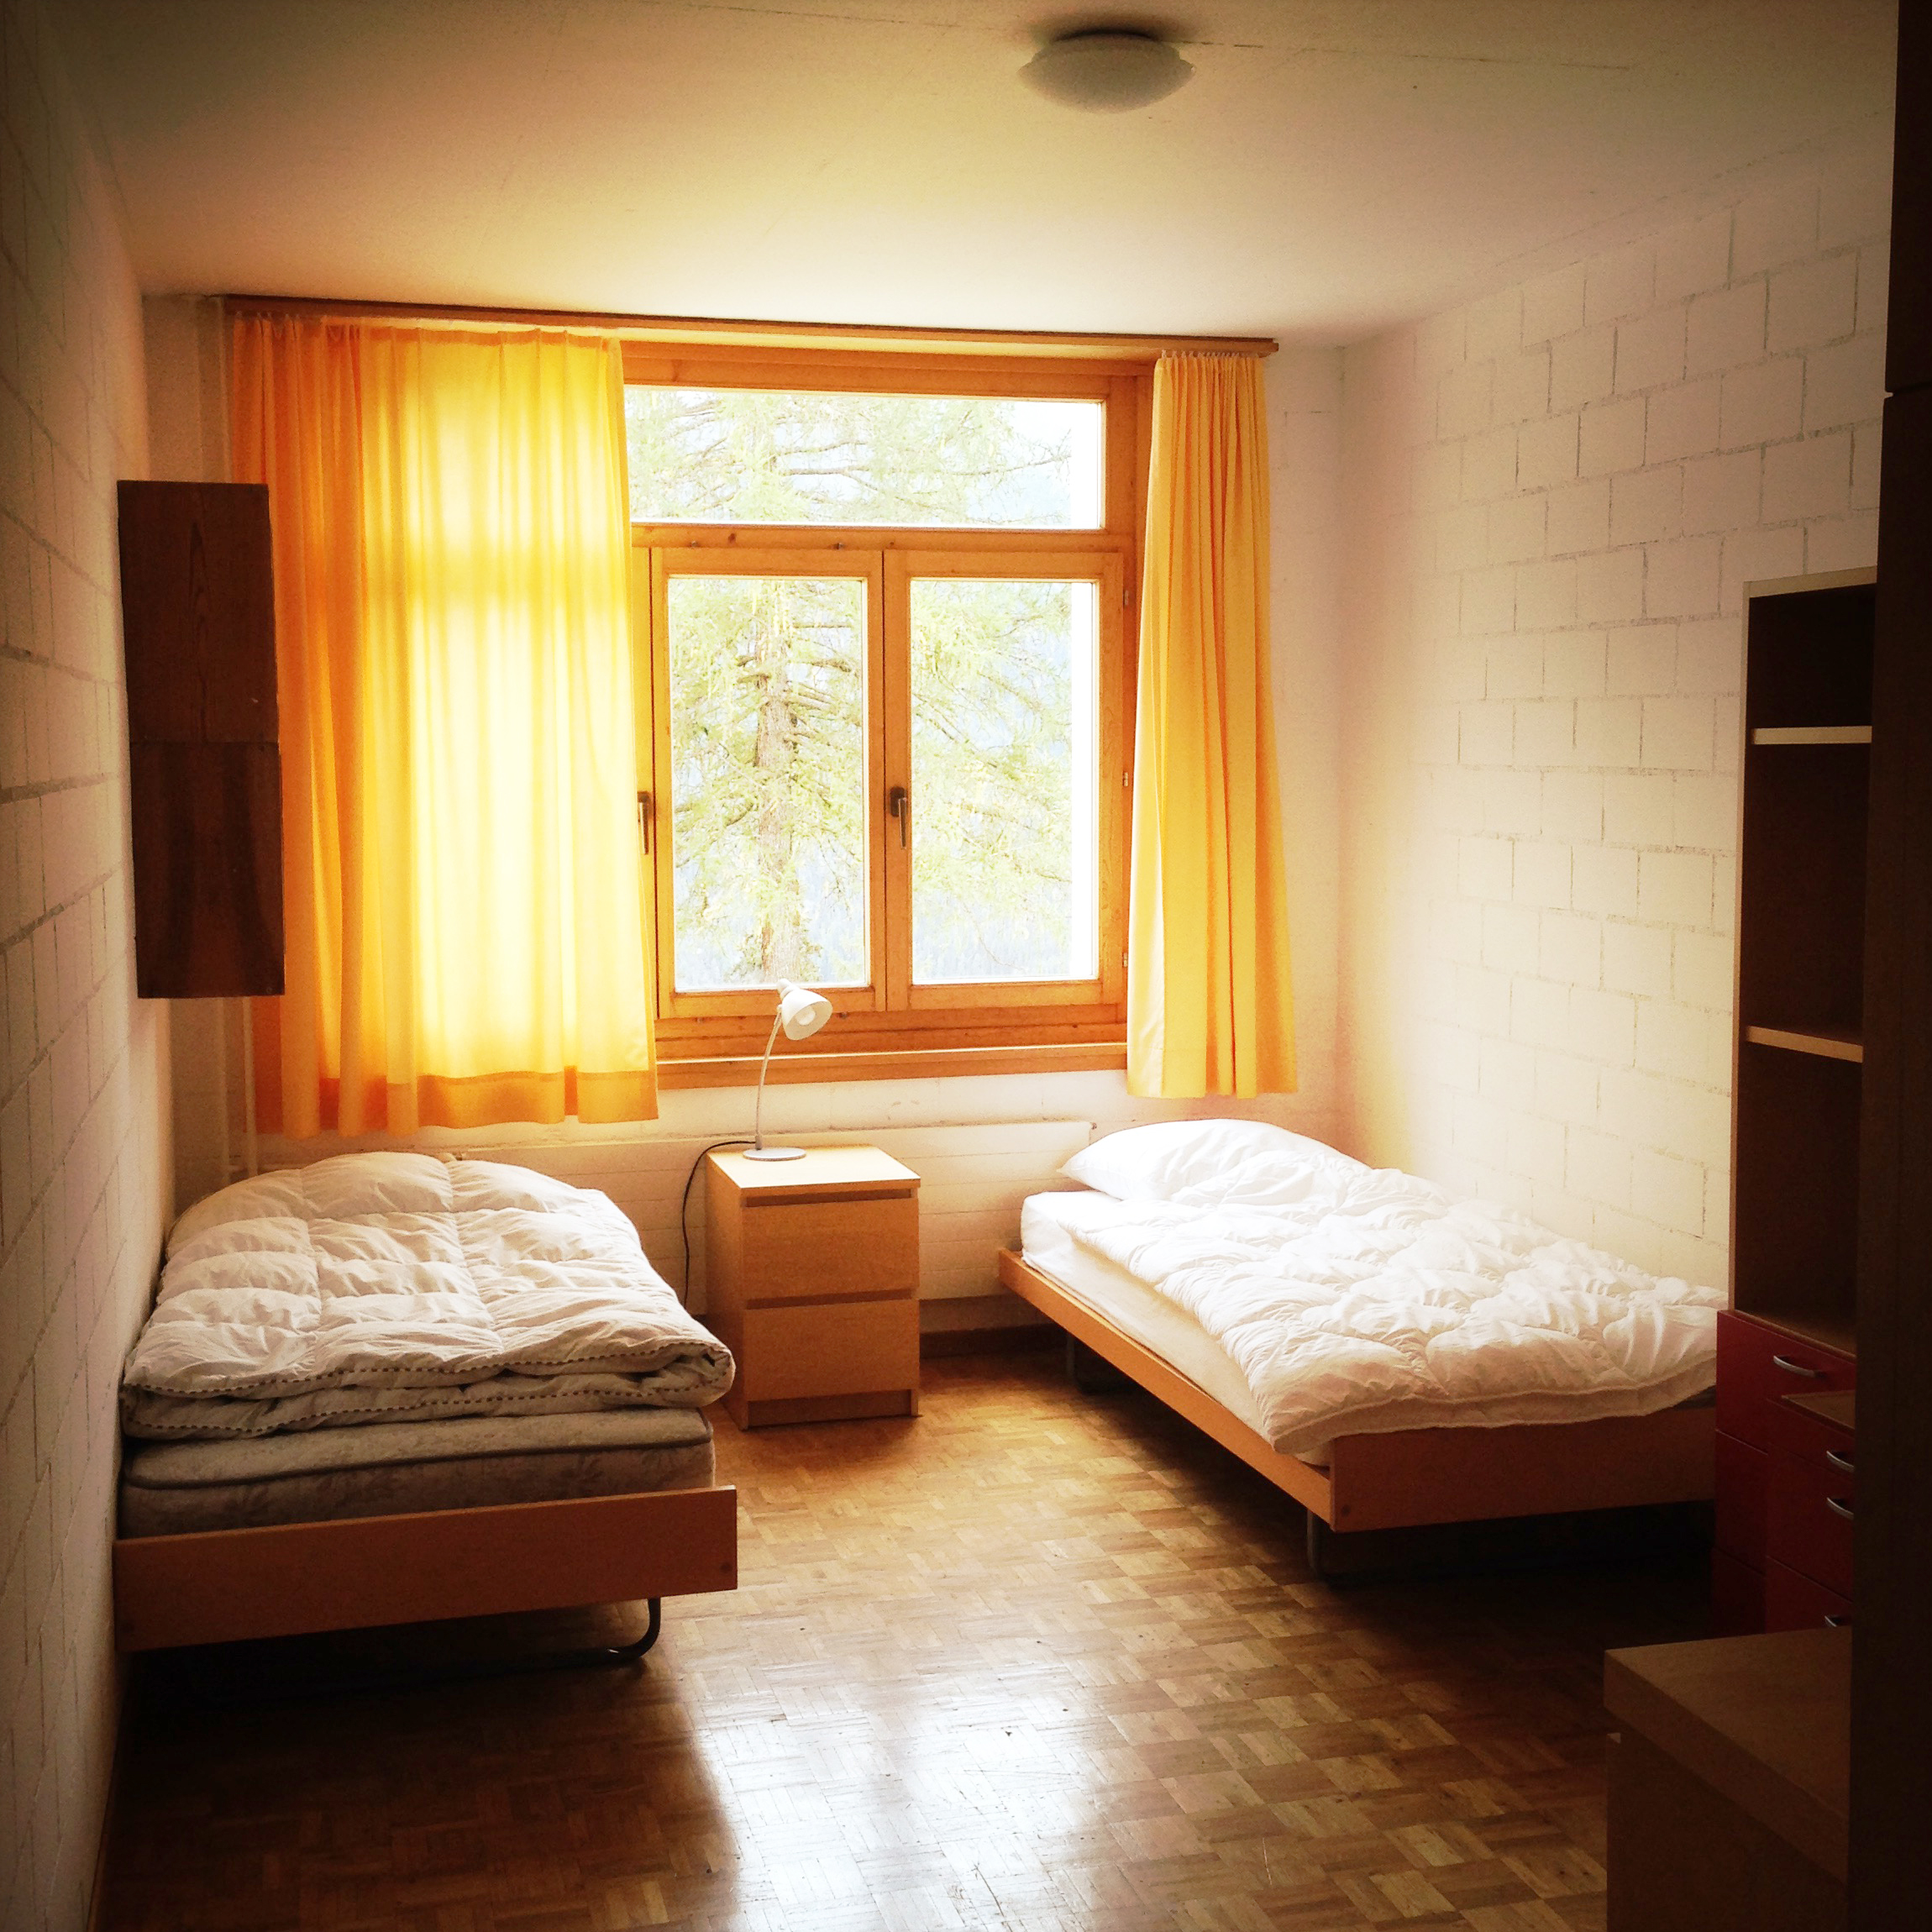 Standard twin bedroom